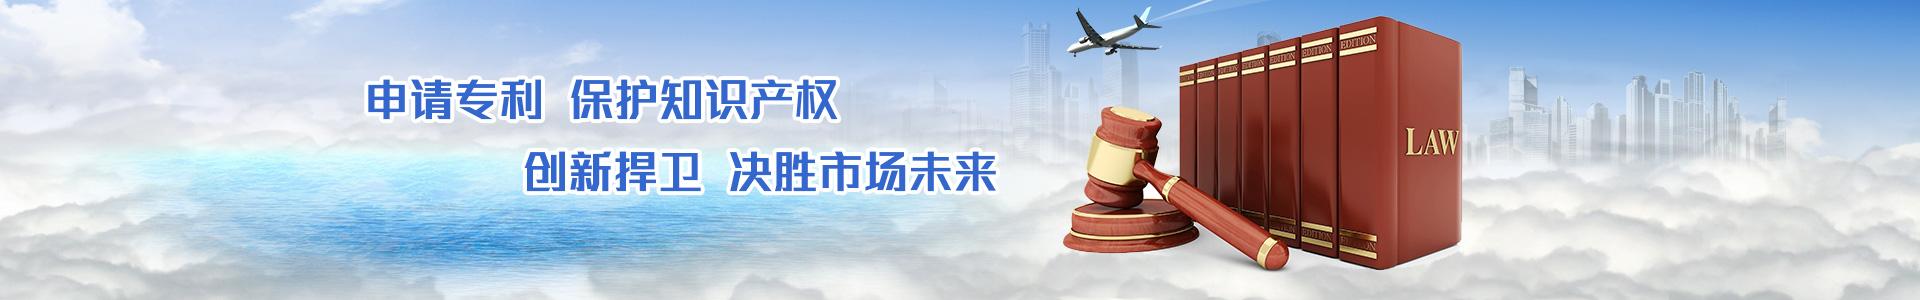 卧涛创新捍卫,决胜市场未来